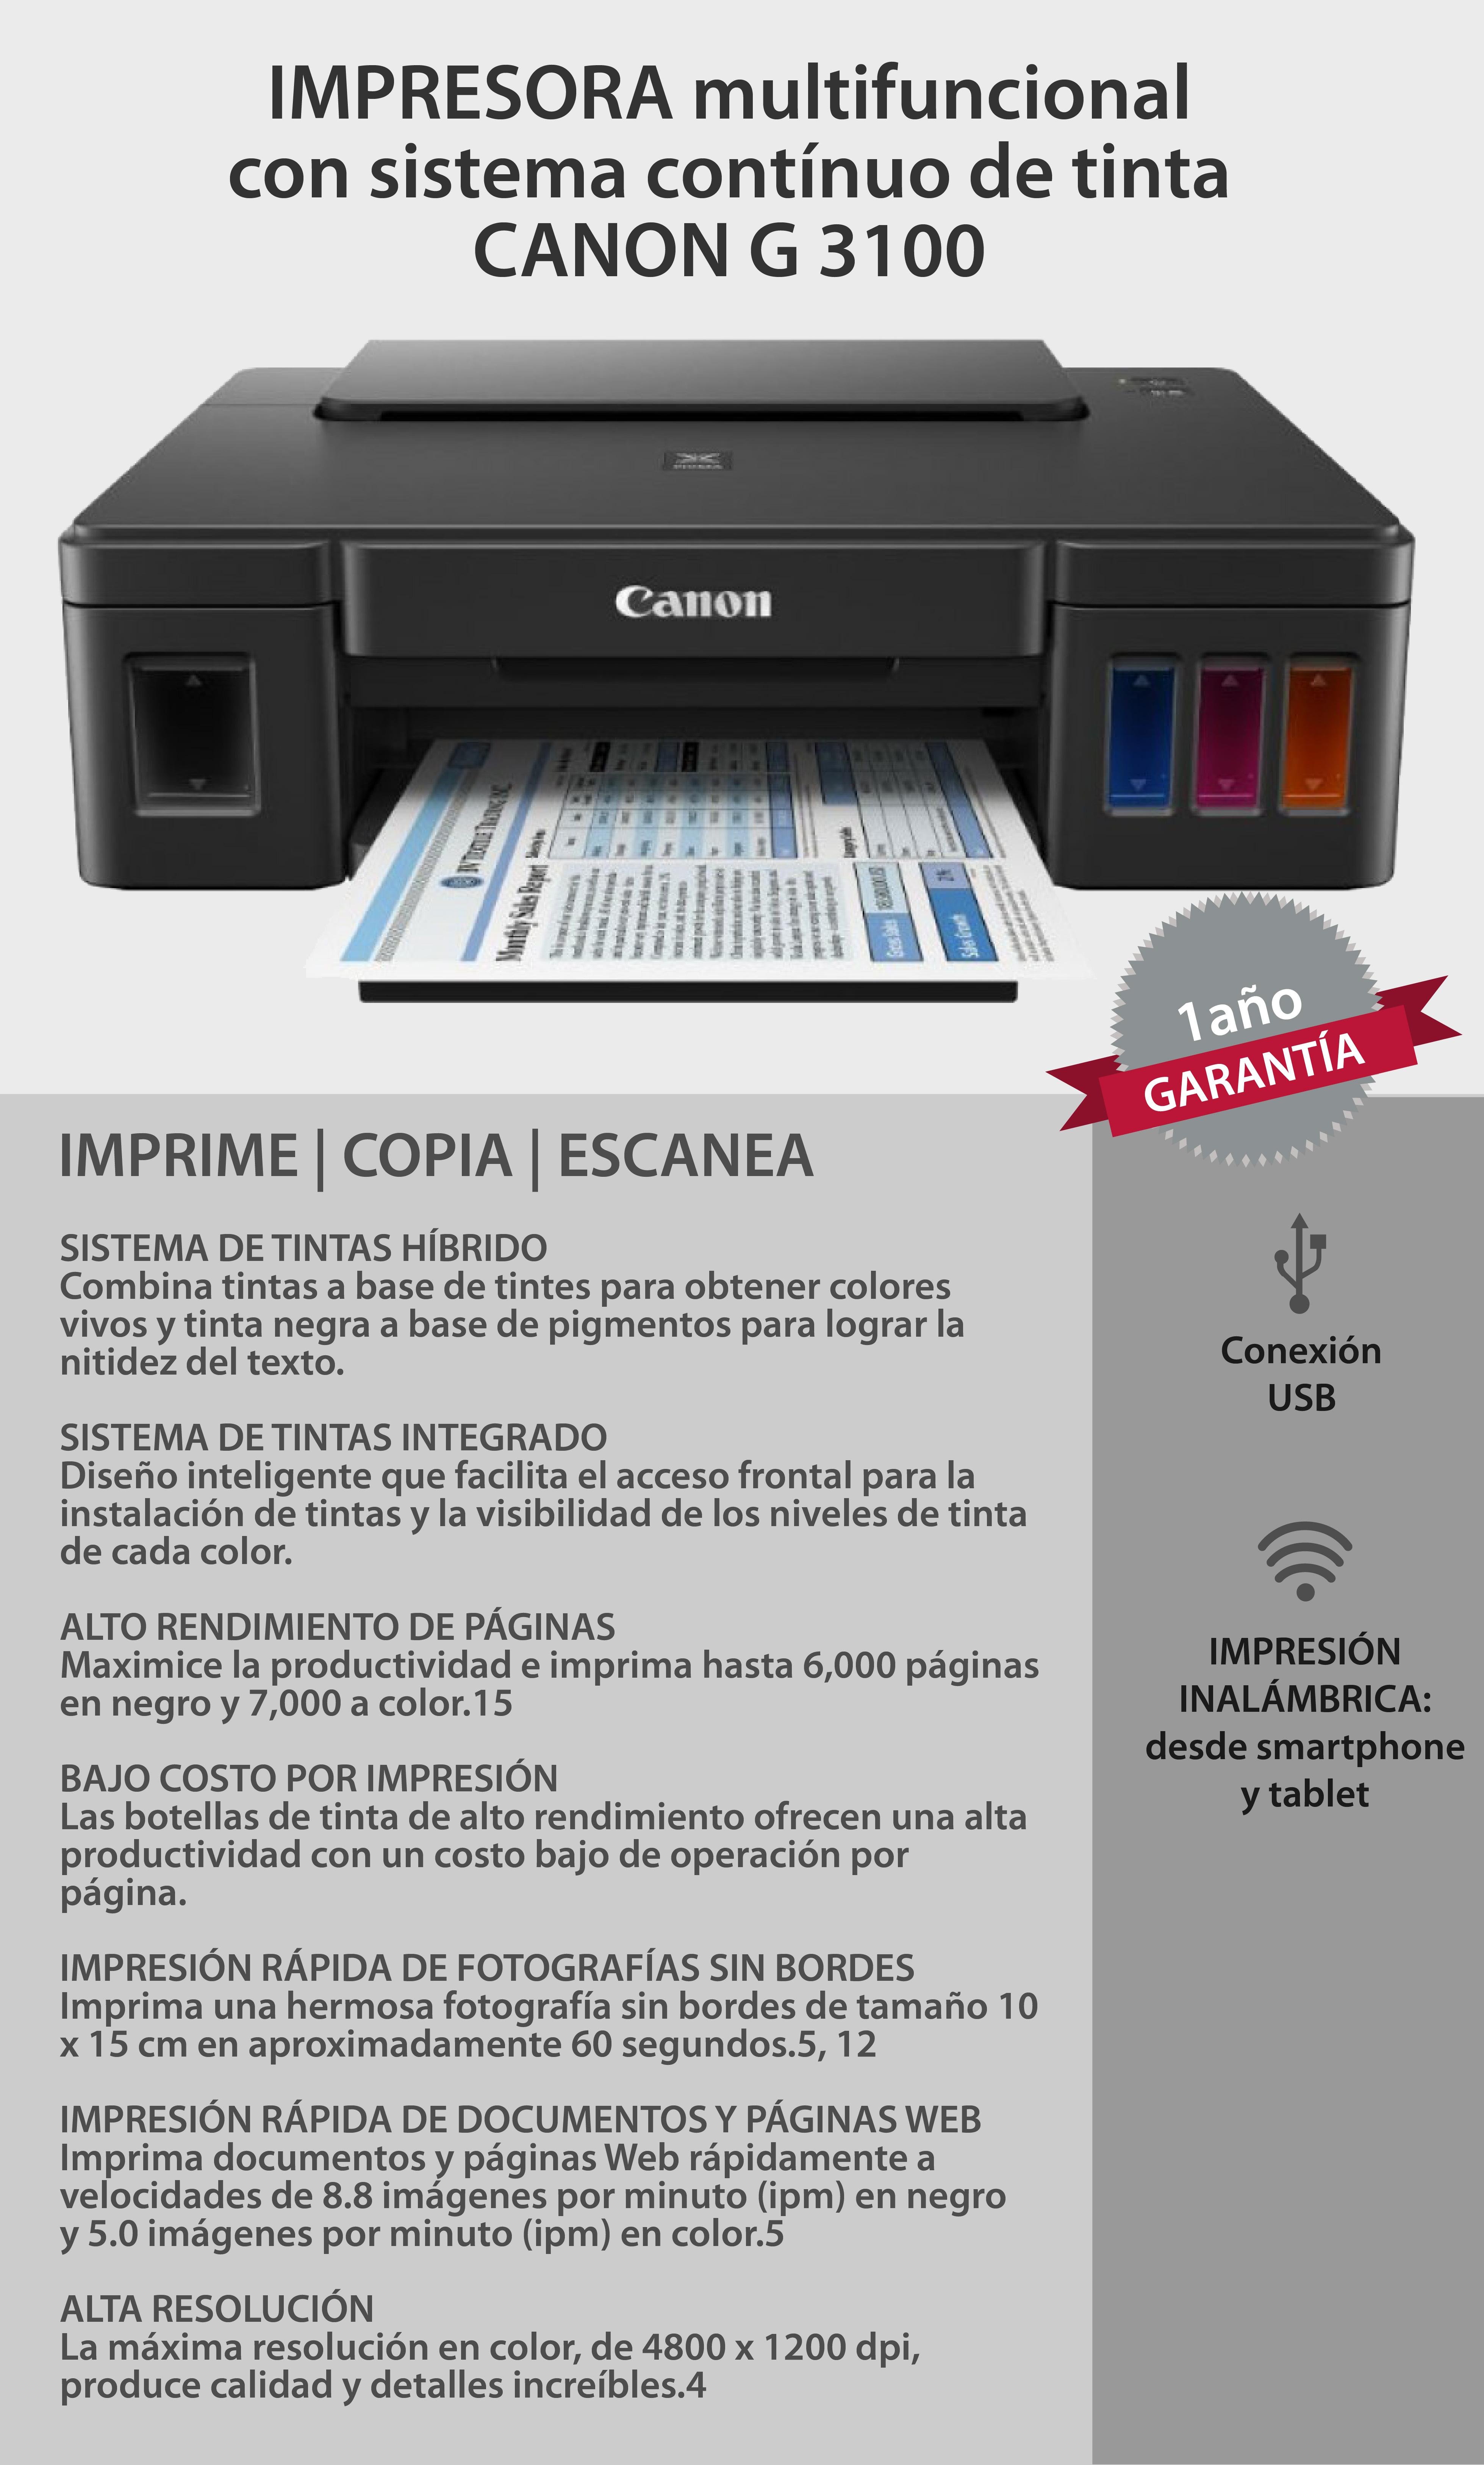 Canon : Impresora Canon G3100 Multifuncion de inyeccion de tinta c ...